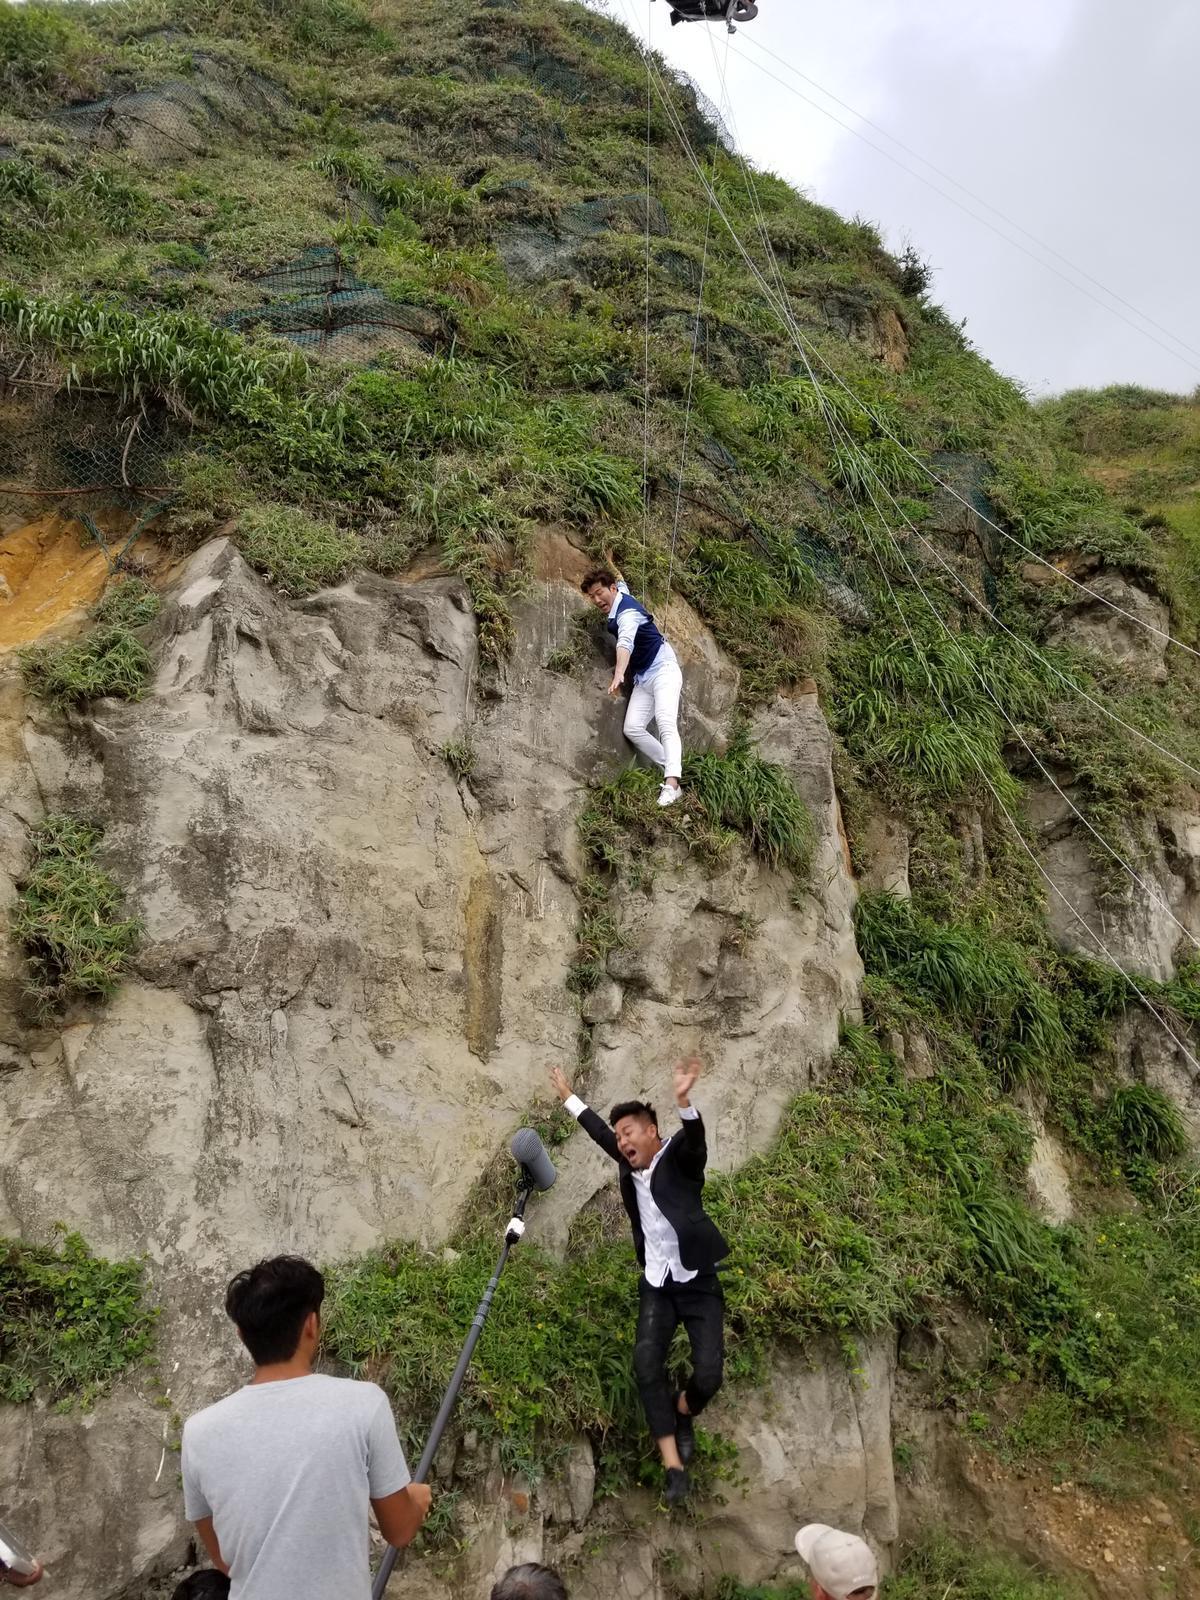 黃少祺和謝承均拍攝墜崖戲。(三立提供)